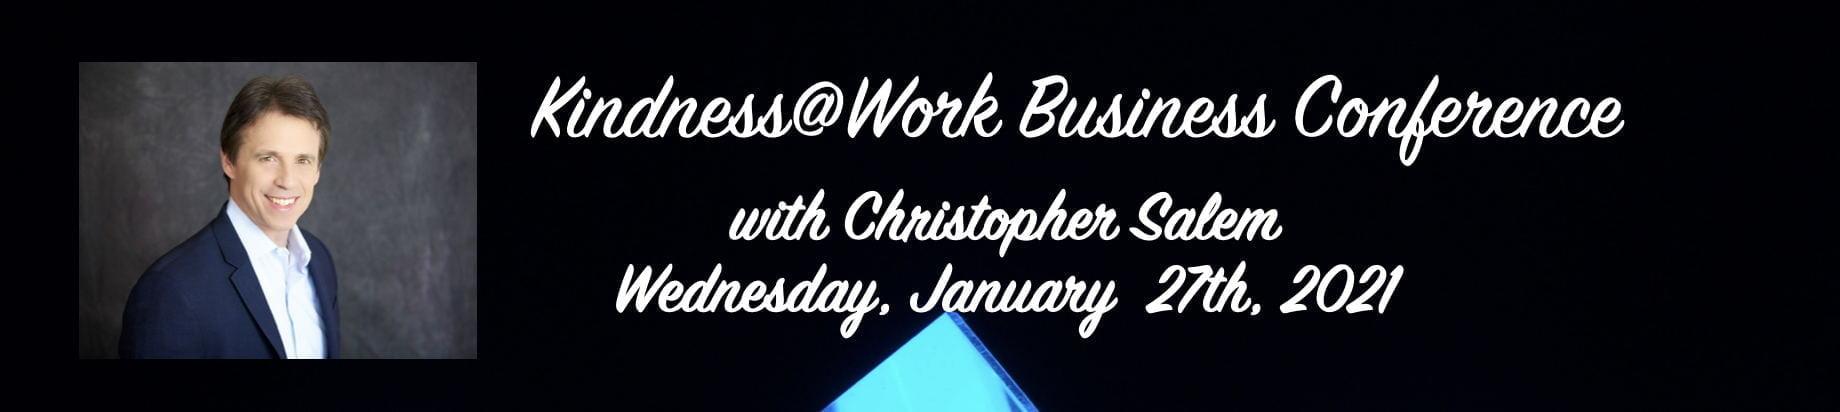 Chris Salem Kindness@Work Business Conference Jan. 2021